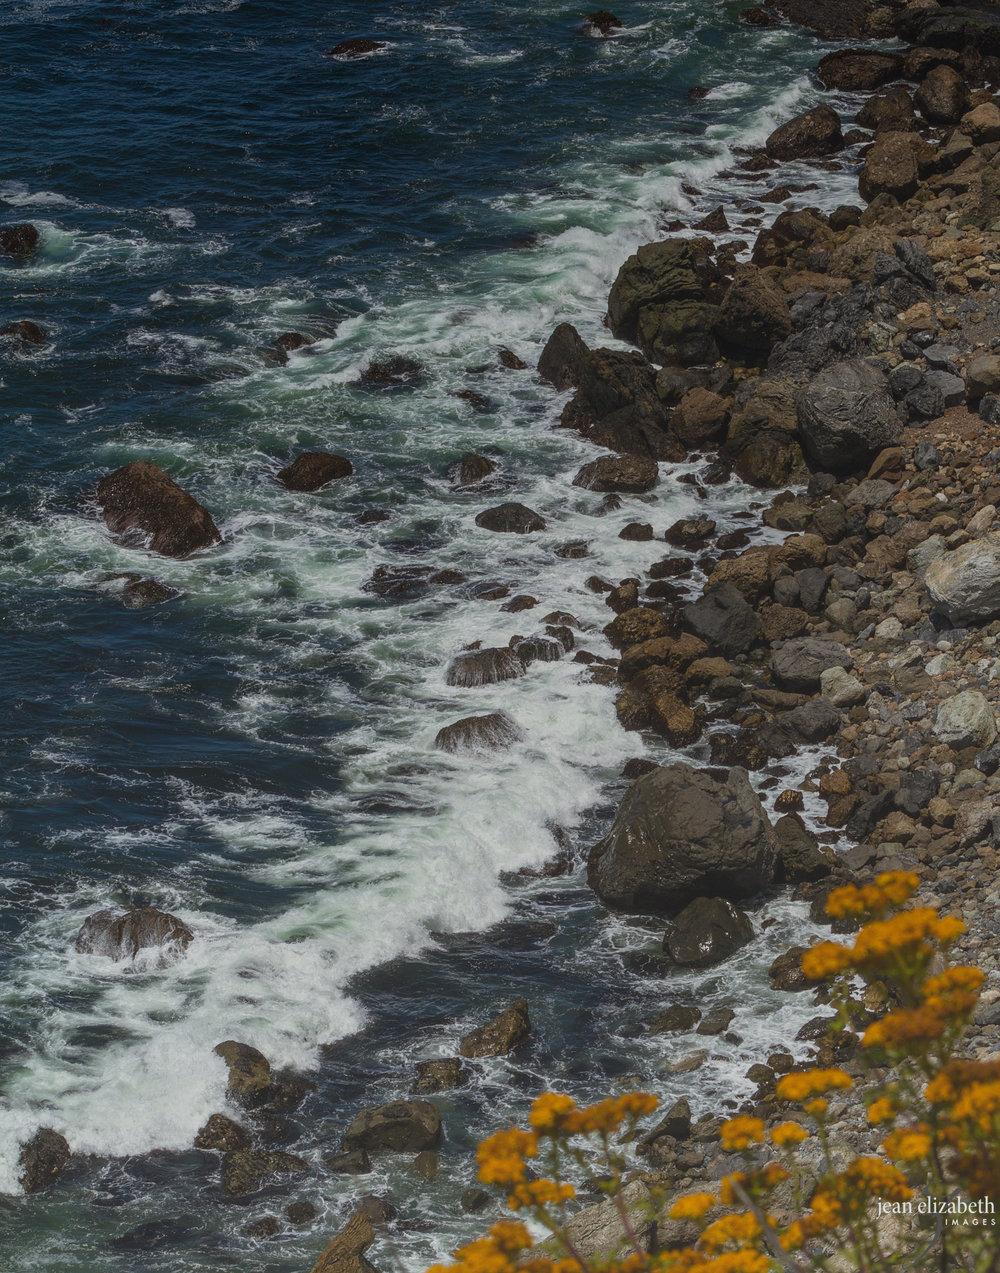 Jean Elizabeth Images Landscape--13.jpg